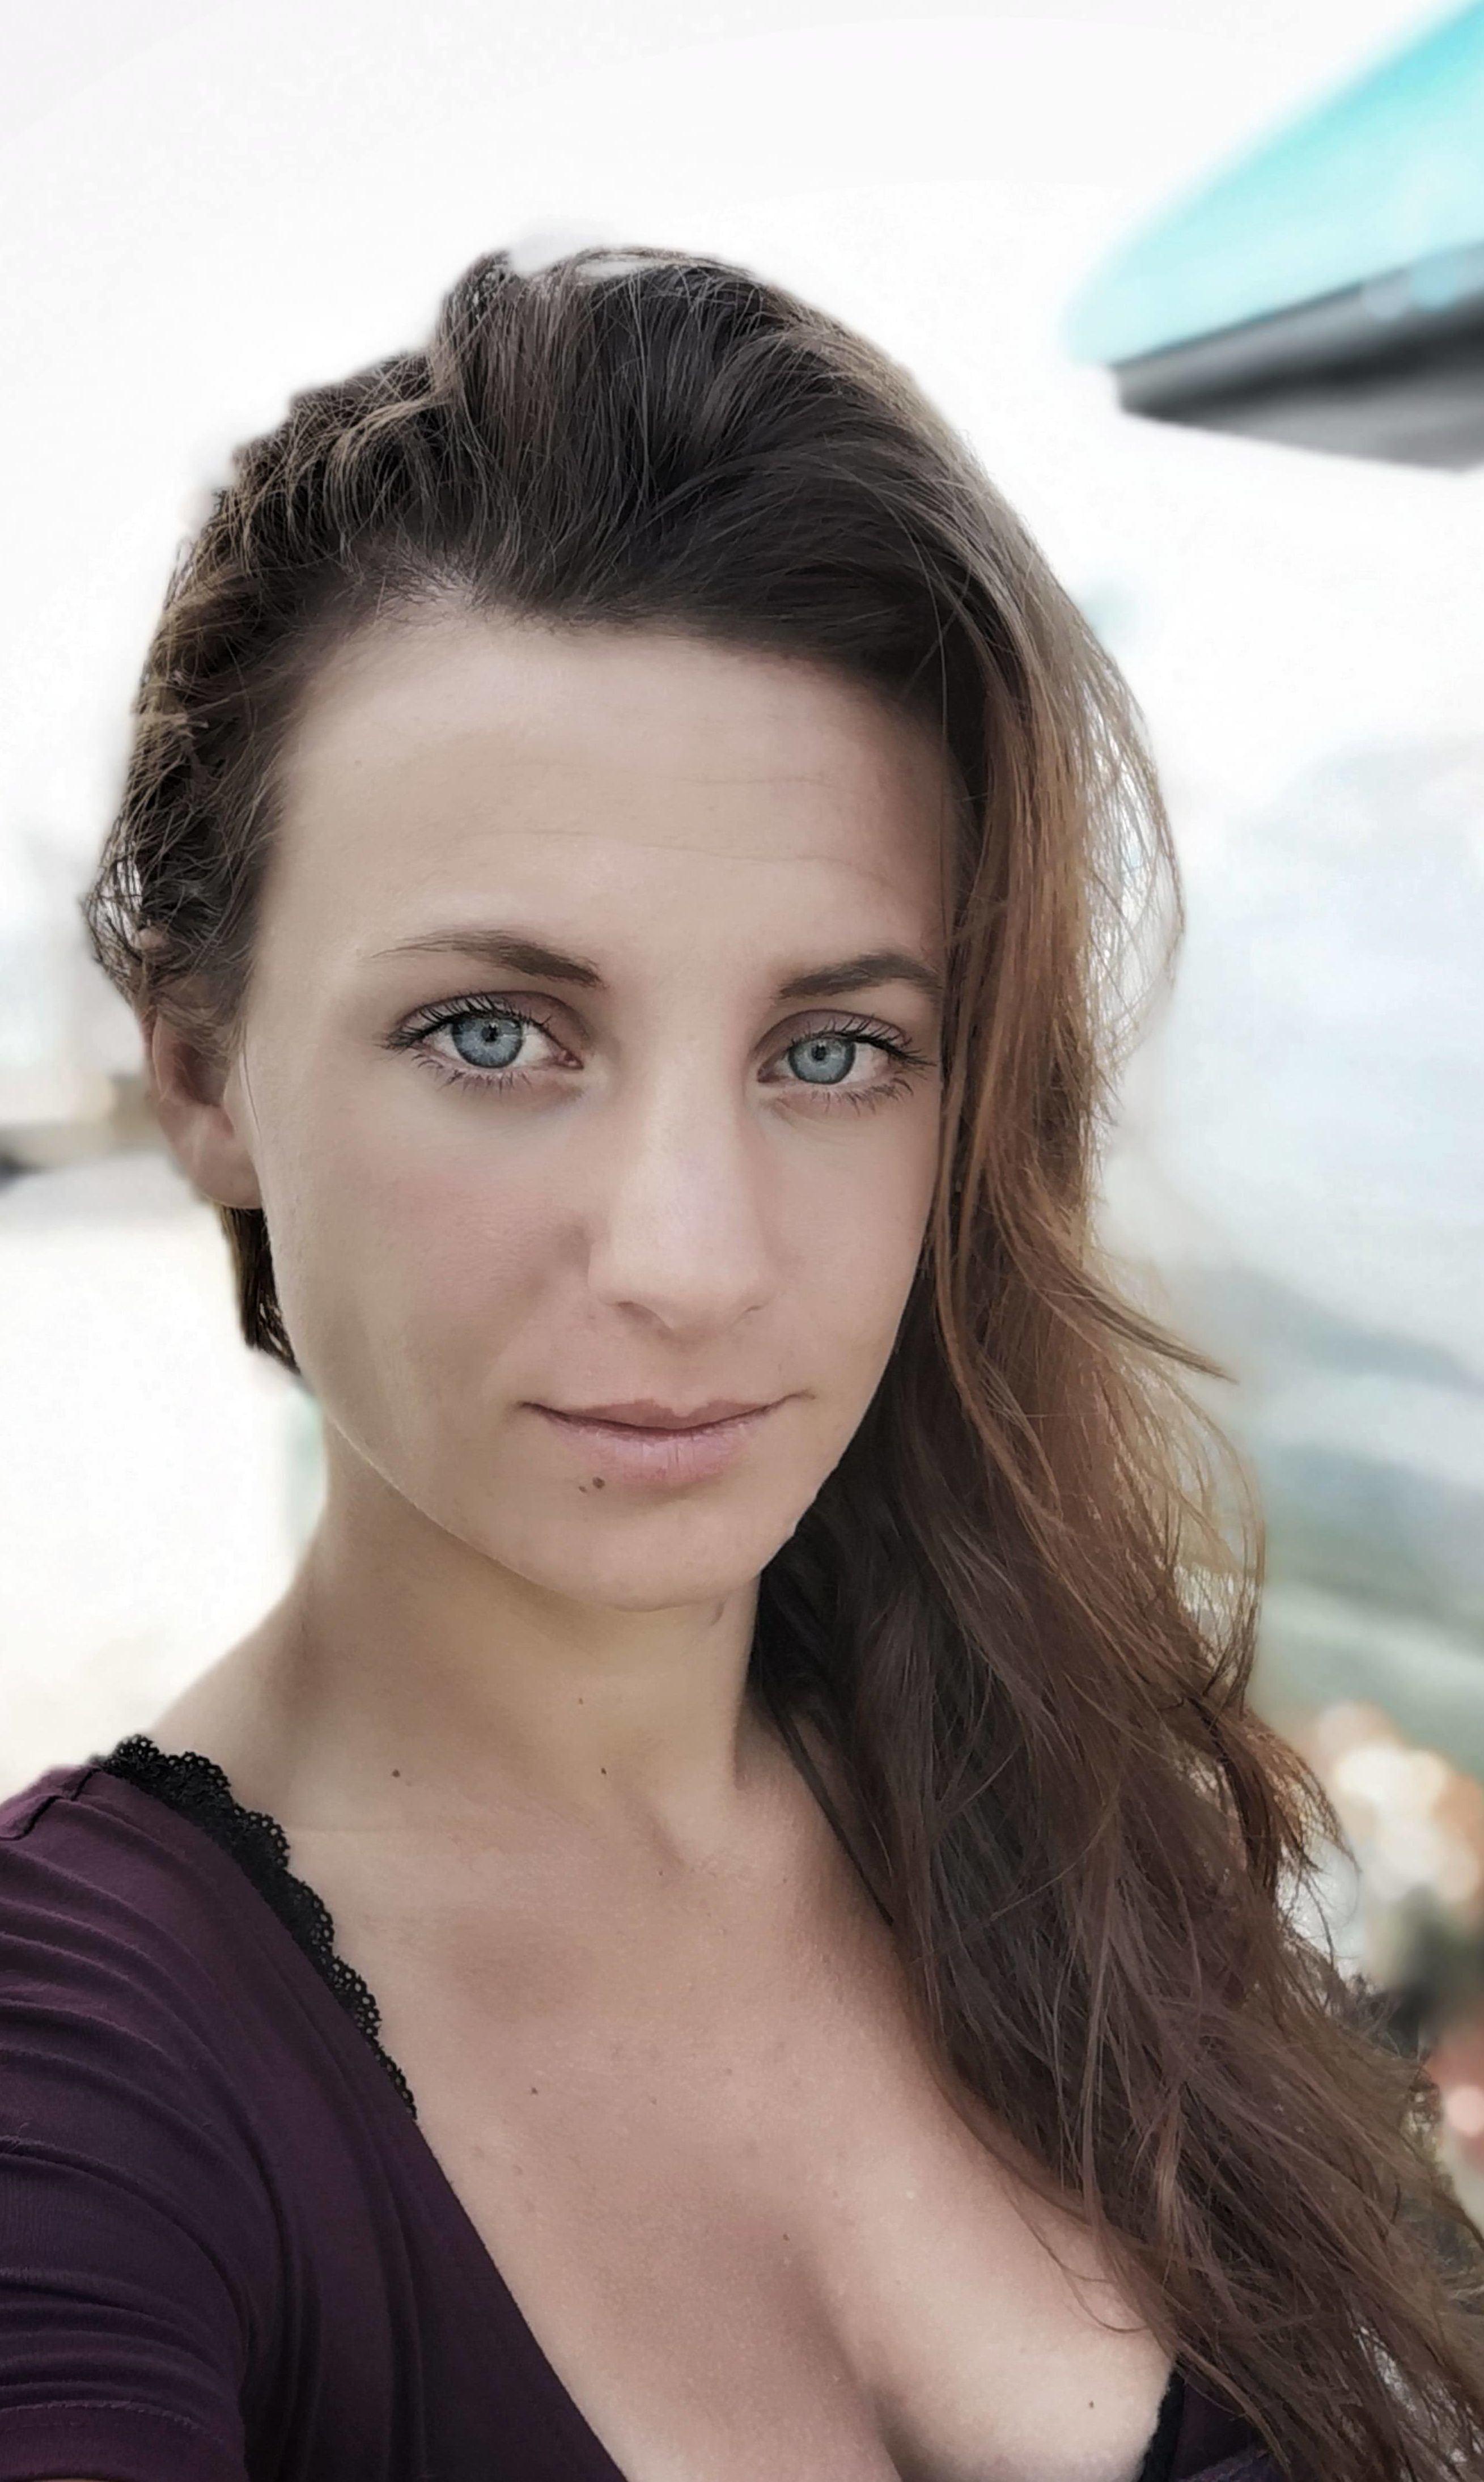 Julia Reyam